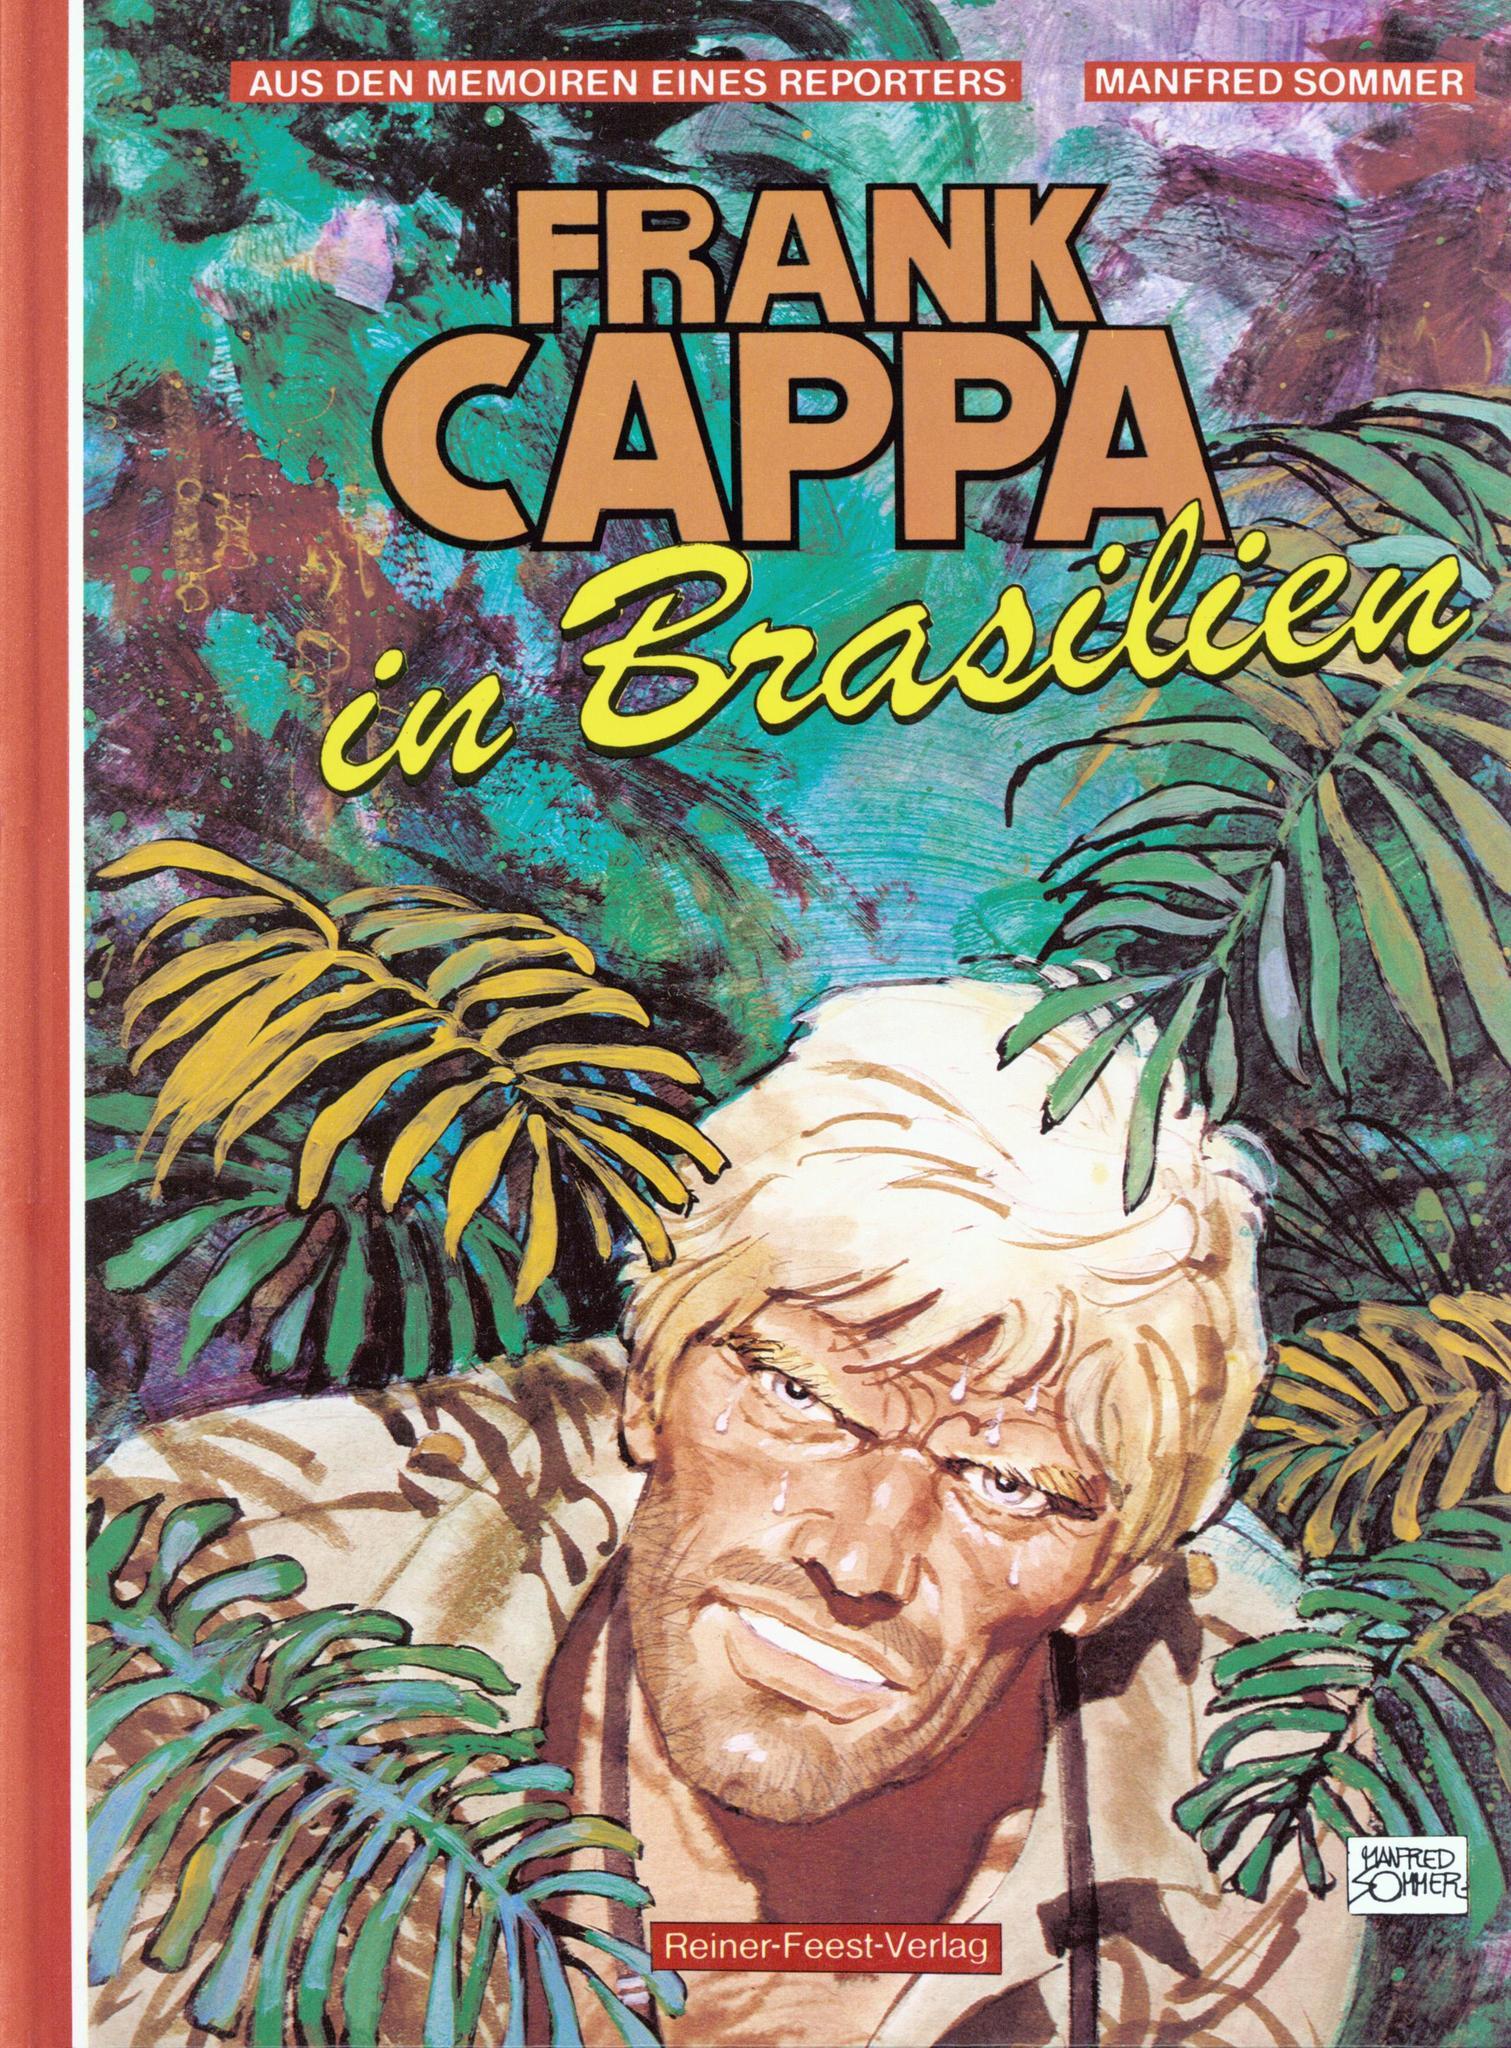 Frank Cappa in Brasilien (1983)